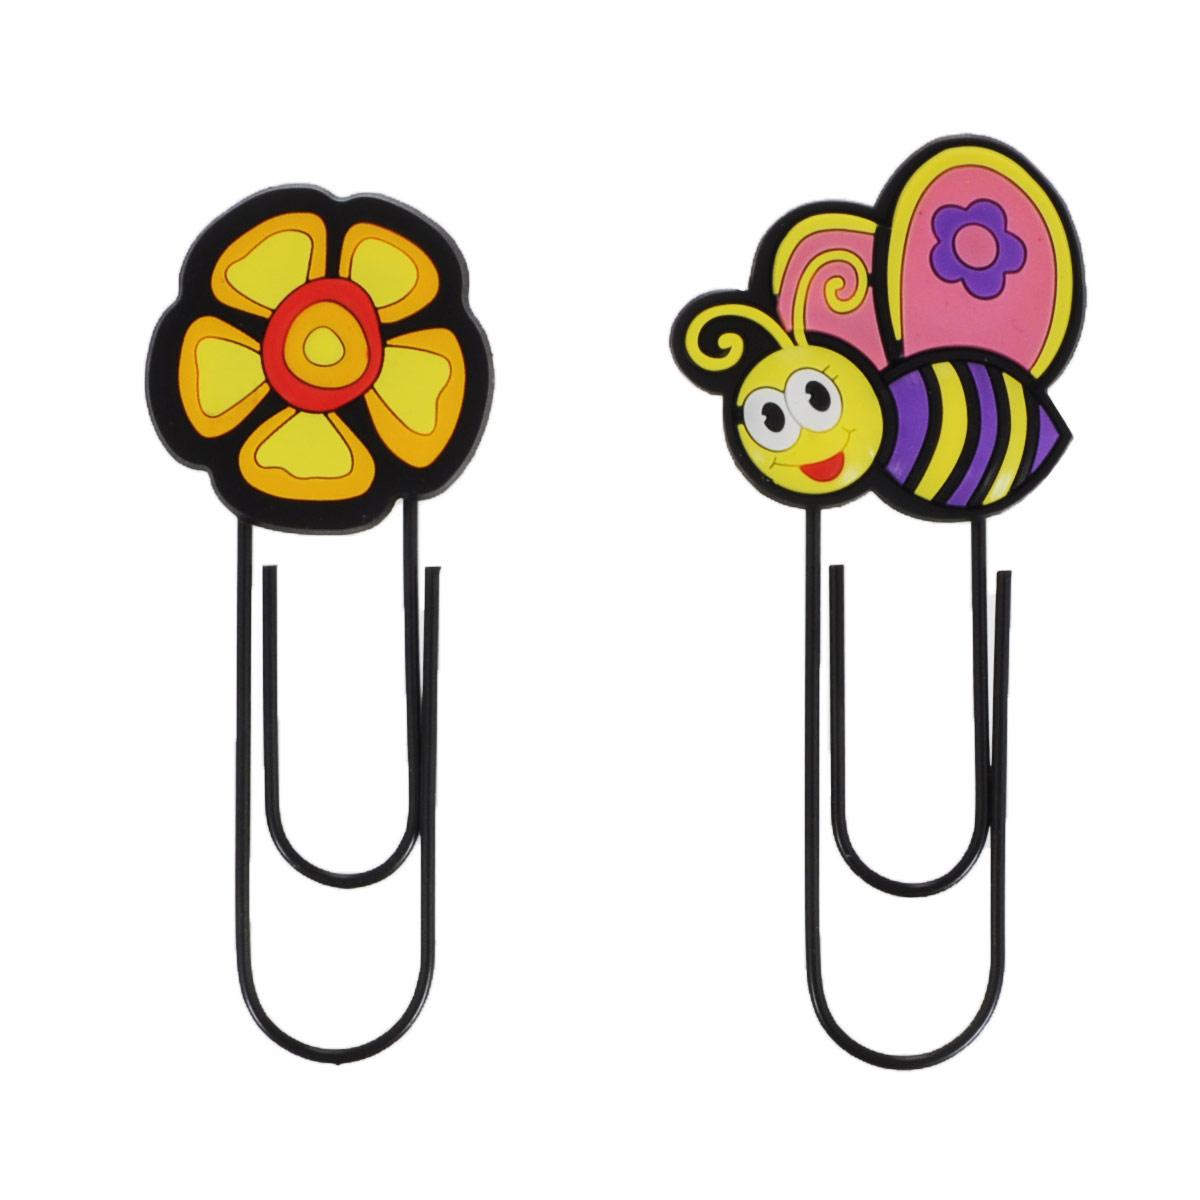 Набор скрепок-закладок Fancy Пчелка, цветок, 2 шт.C15414/ FMB1125_пчелка/цветокОригинальная закладка для книг и учебников в виде большой скрепки, украшенной забавной фигуркой, обязательно понравится вашему ребенку и не даст ему забыть, на какой странице книги он остановился. Такая закладка всегда поможет быстро найти нужную страницу и подарит хорошее настроение. В набор входят две скрепки-закладки, украшенные фигурками пчелки и цветка. Характеристики: Общая длина скрепки-закладки: 12 см. Размер пчелки: 5 см х 5 см. Материал: ПВХ, металл.